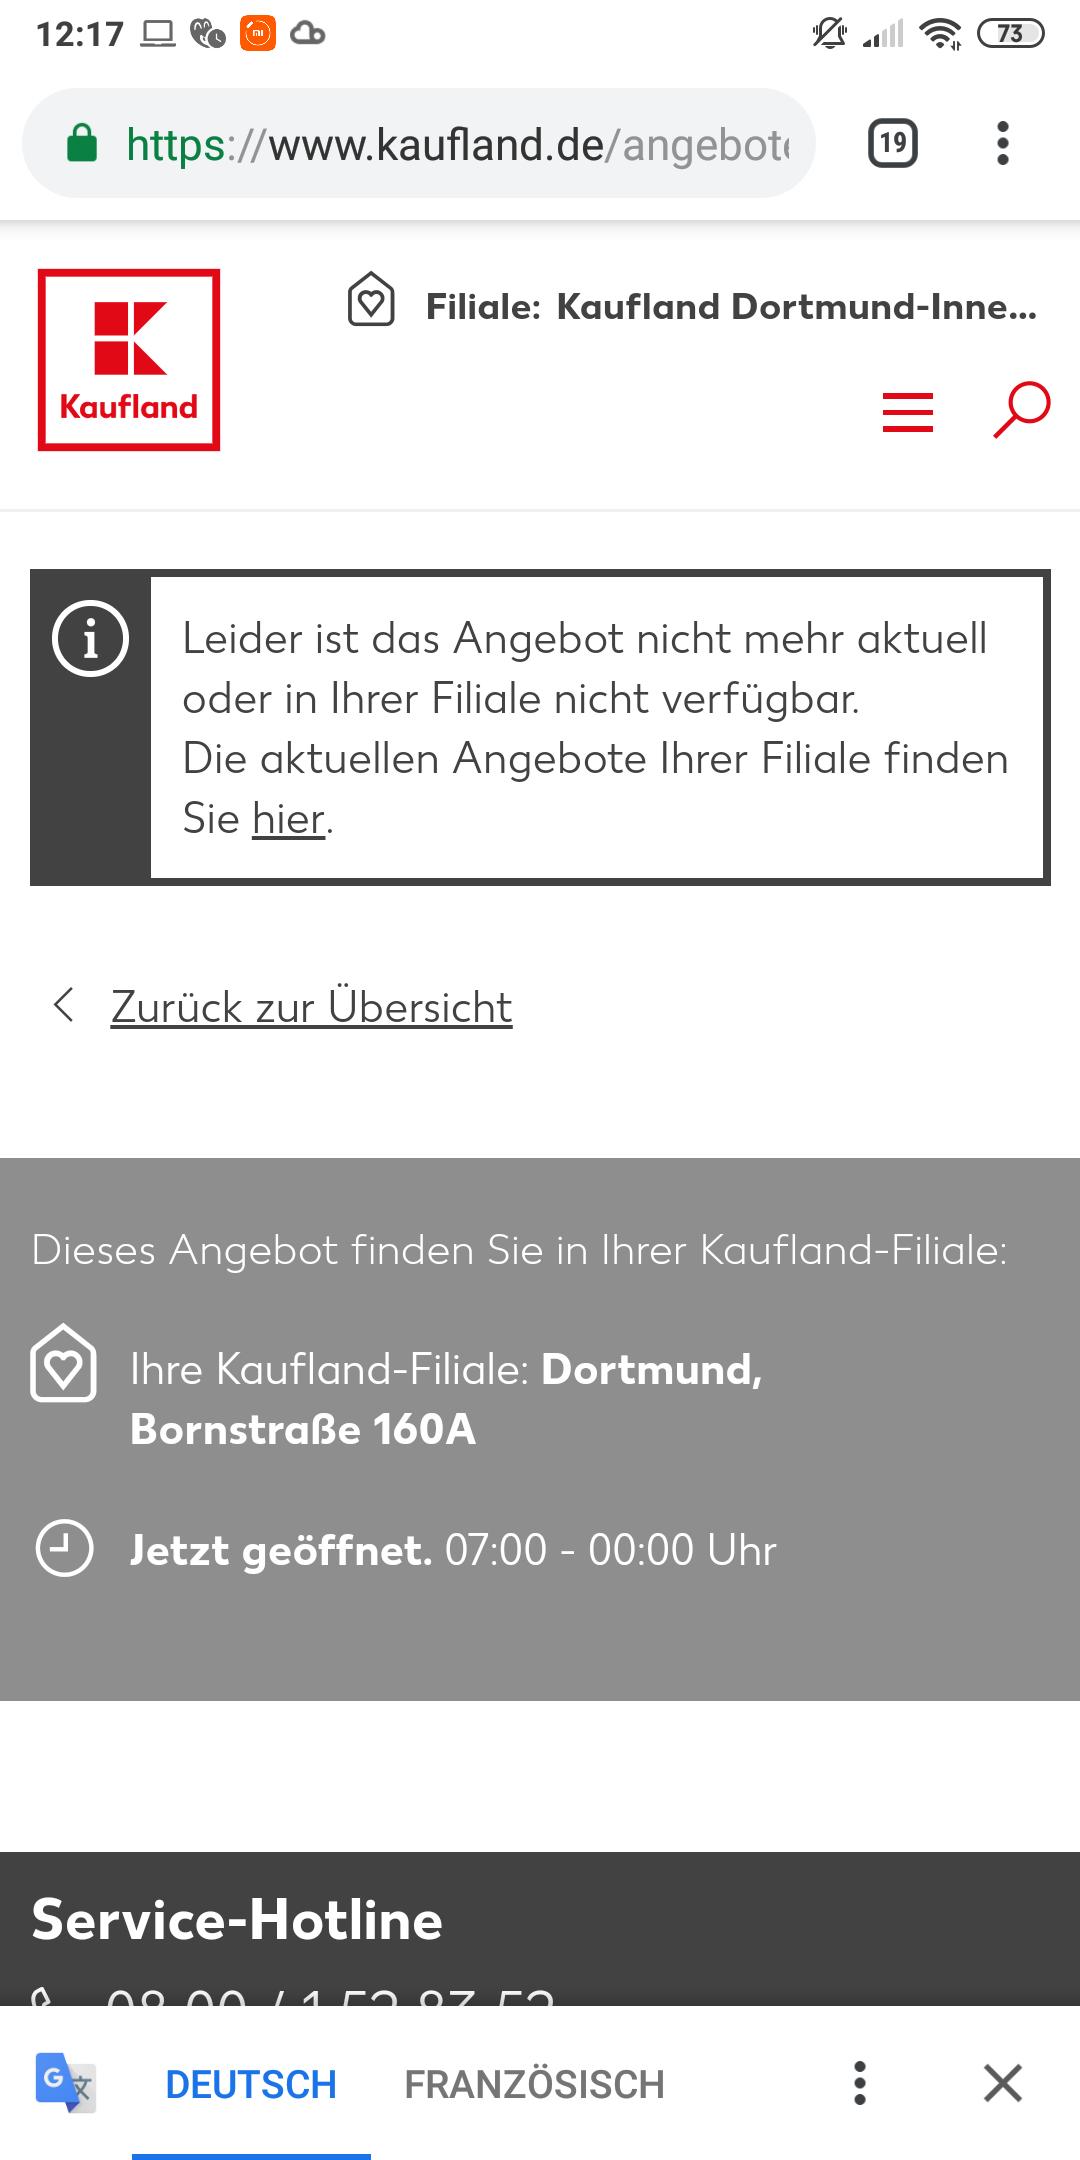 Walser Kfz Verbandkasten Nach Din 13164 2014 Und Stvzo 35h Fur 3